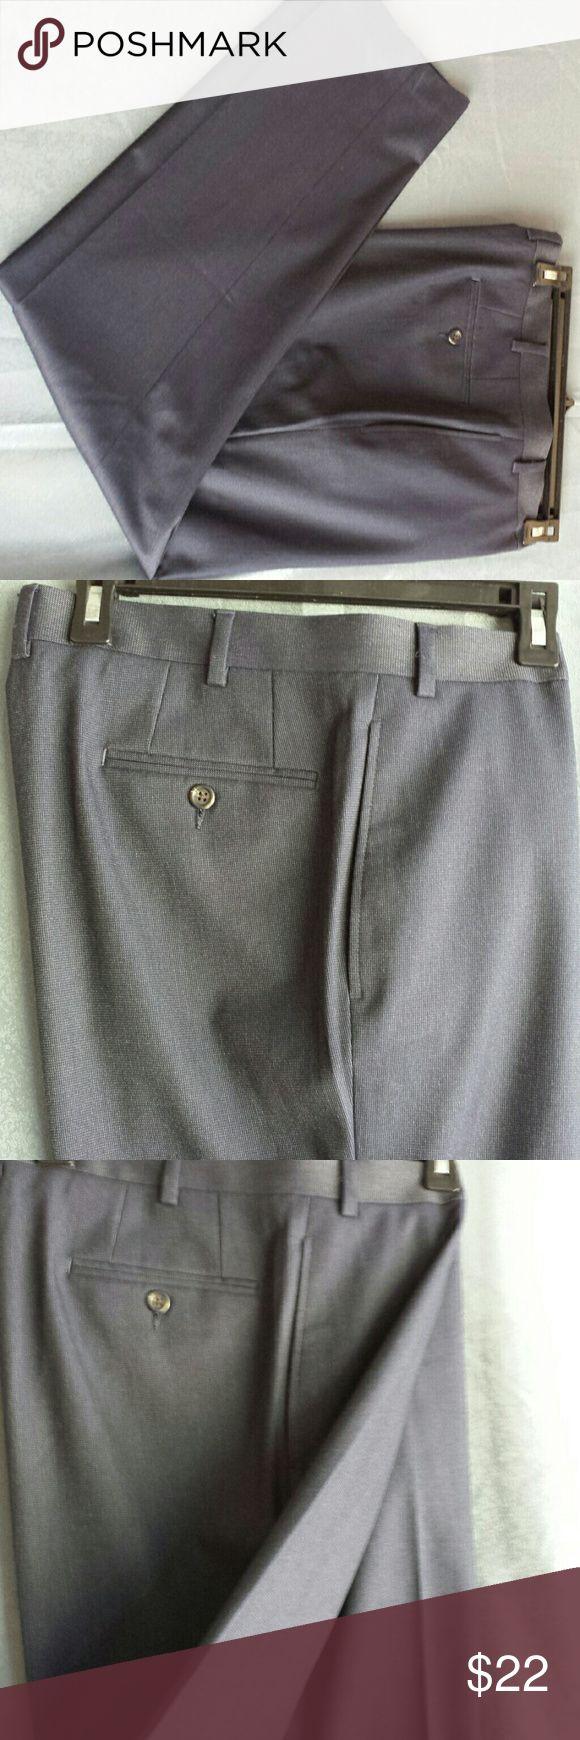 LAUREN Ralph Lauren slacks pants Excellent condition.  No flaws navy dress pants Lauren Ralph Lauren Pants Dress